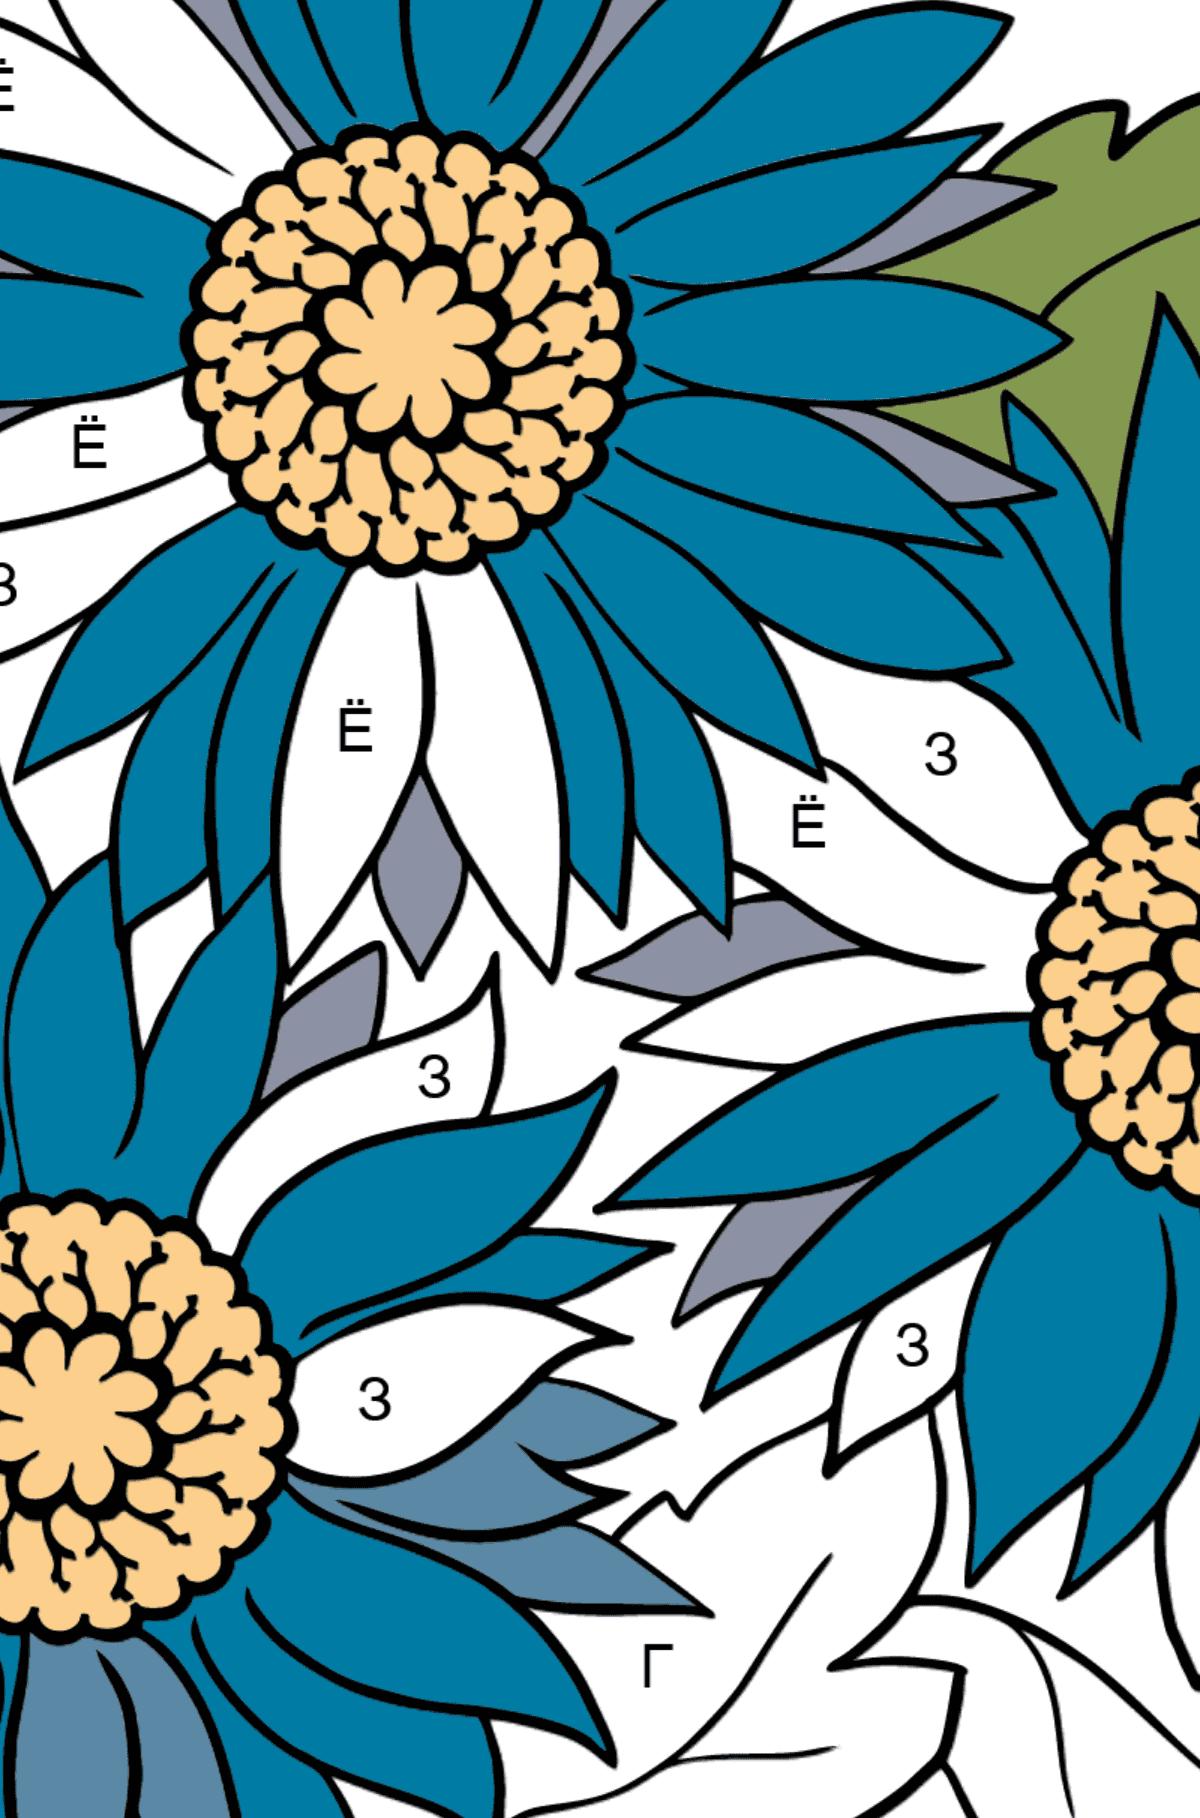 Разукрашка цветы - голубой гербер - Раскраска по Буквам для Детей